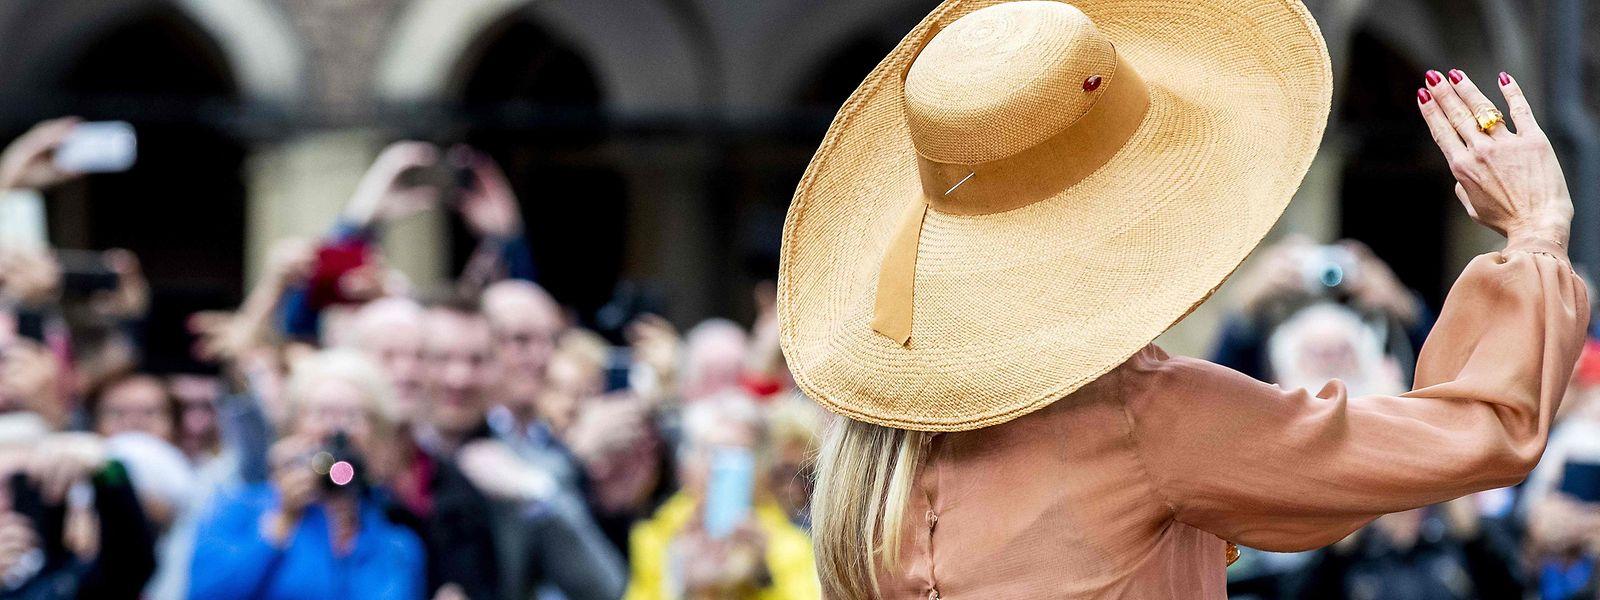 Königin Máxima zählte zu den wohl prominentesten Gratulanten der Niederlande.